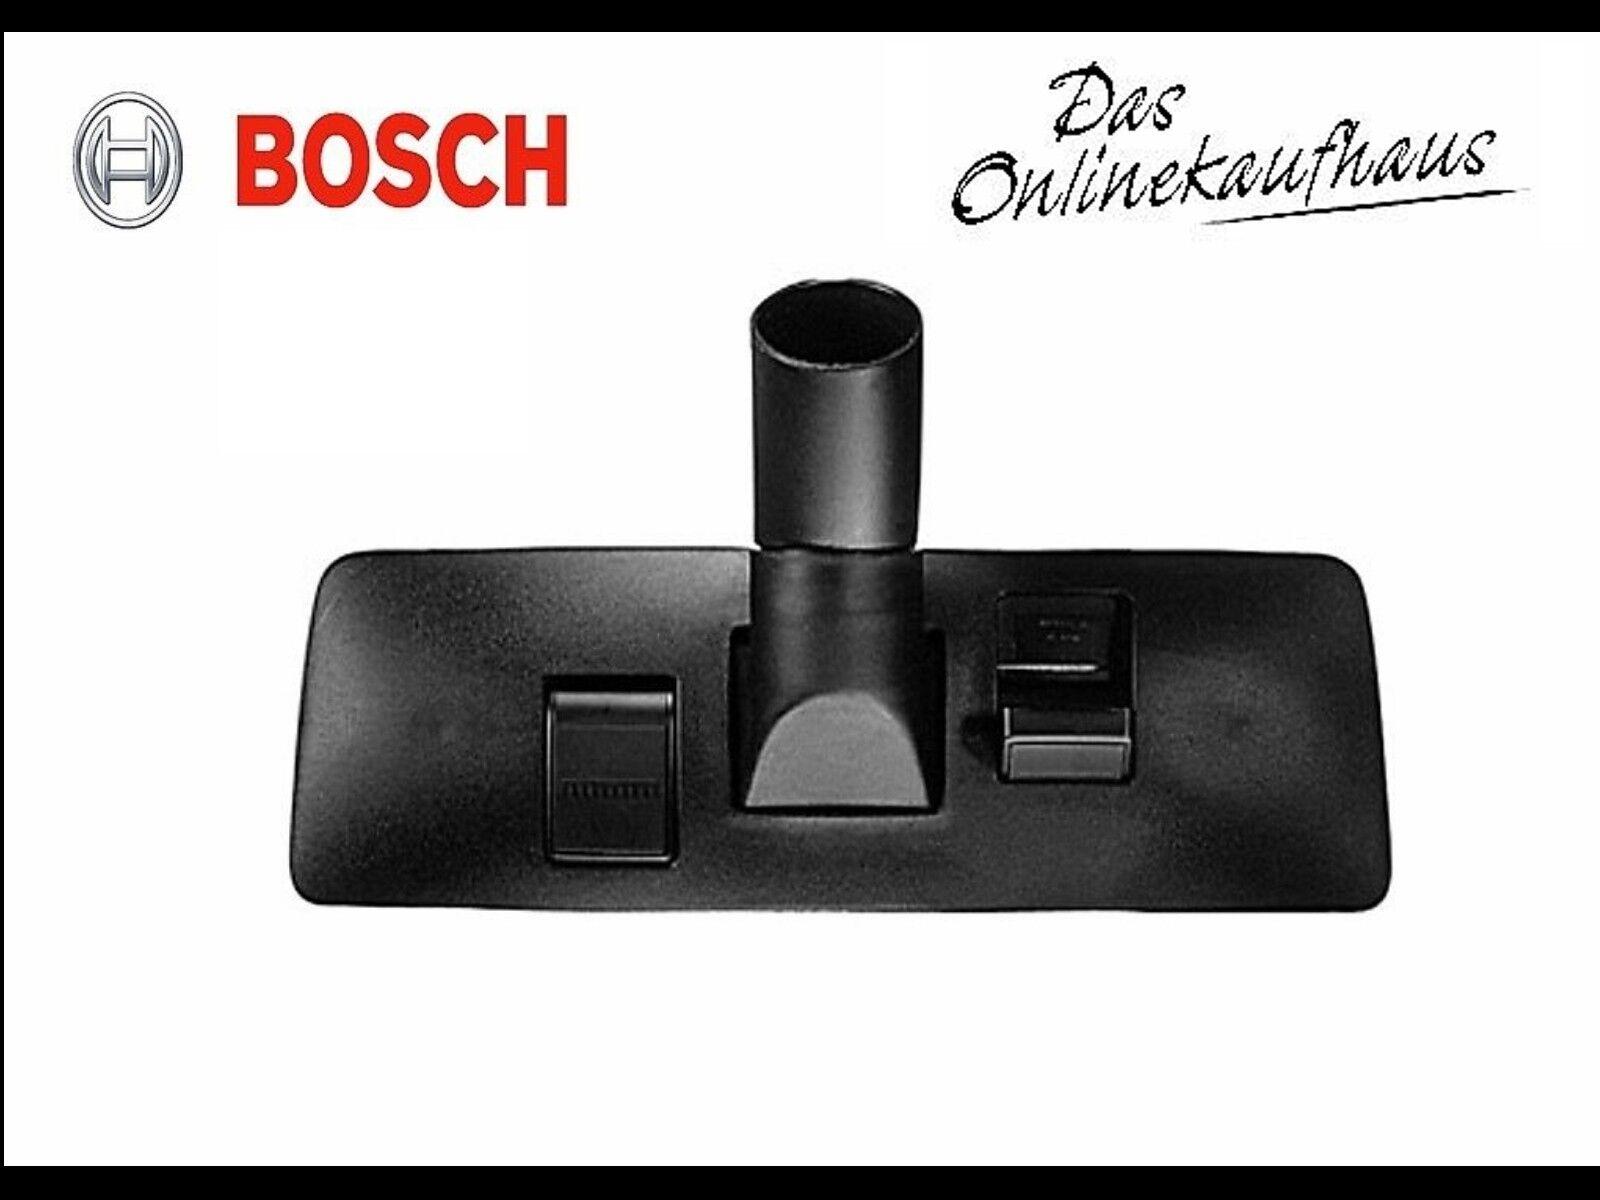 Bosch Bodendüse 35mm für Bosch Staubsauger GAS   PAS   Ventaro